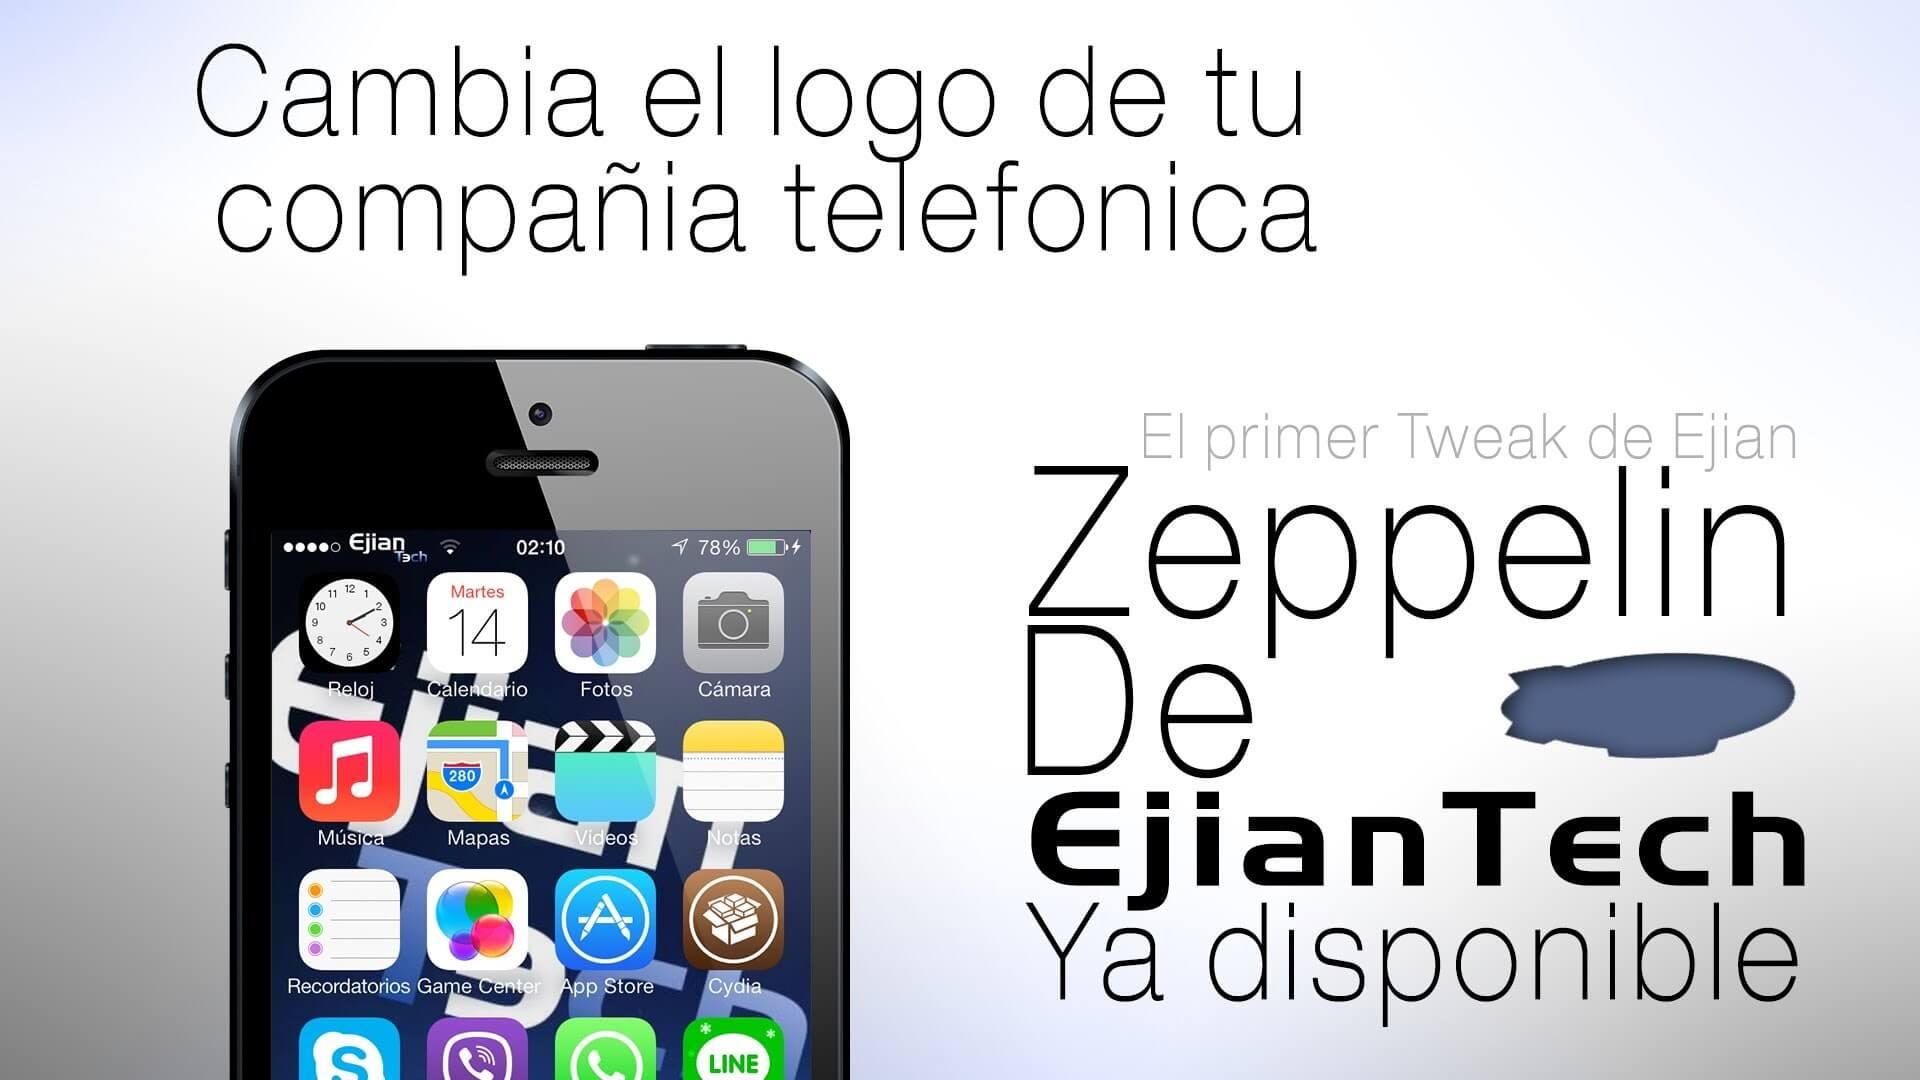 Zeppelin 2.0.2 remplaza el logo de tu operadora.